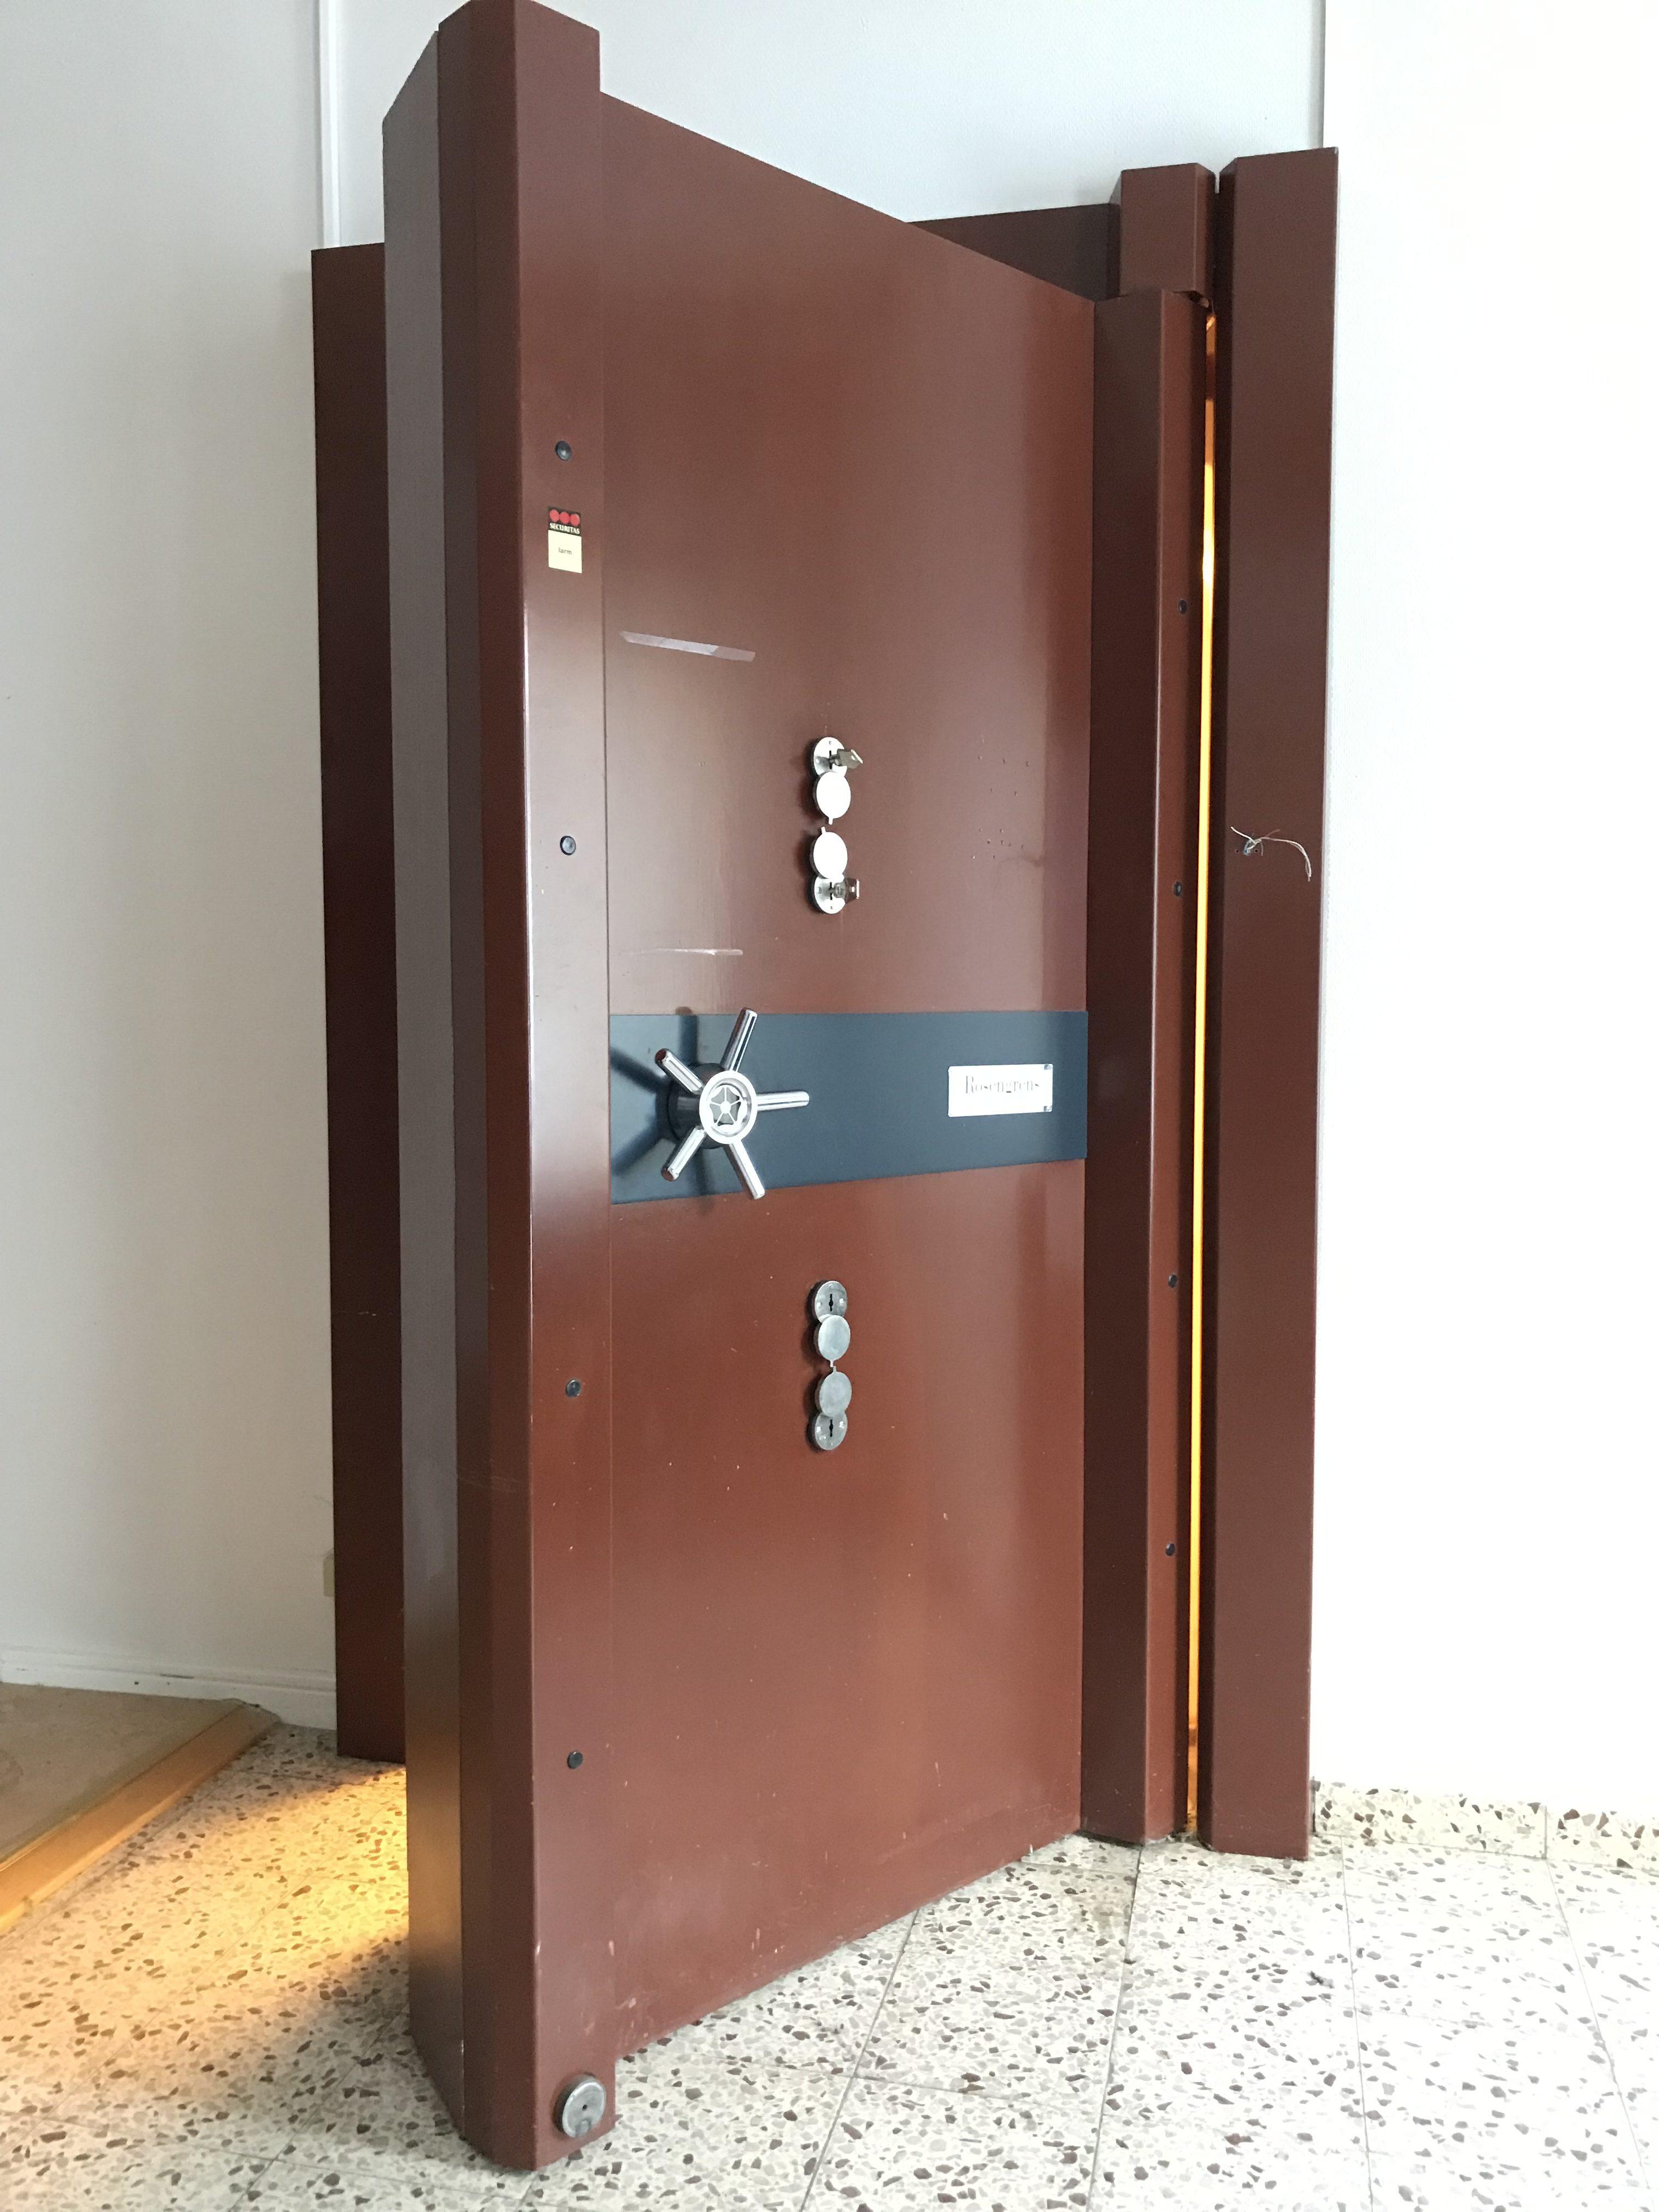 Fd banklokal – Grillby